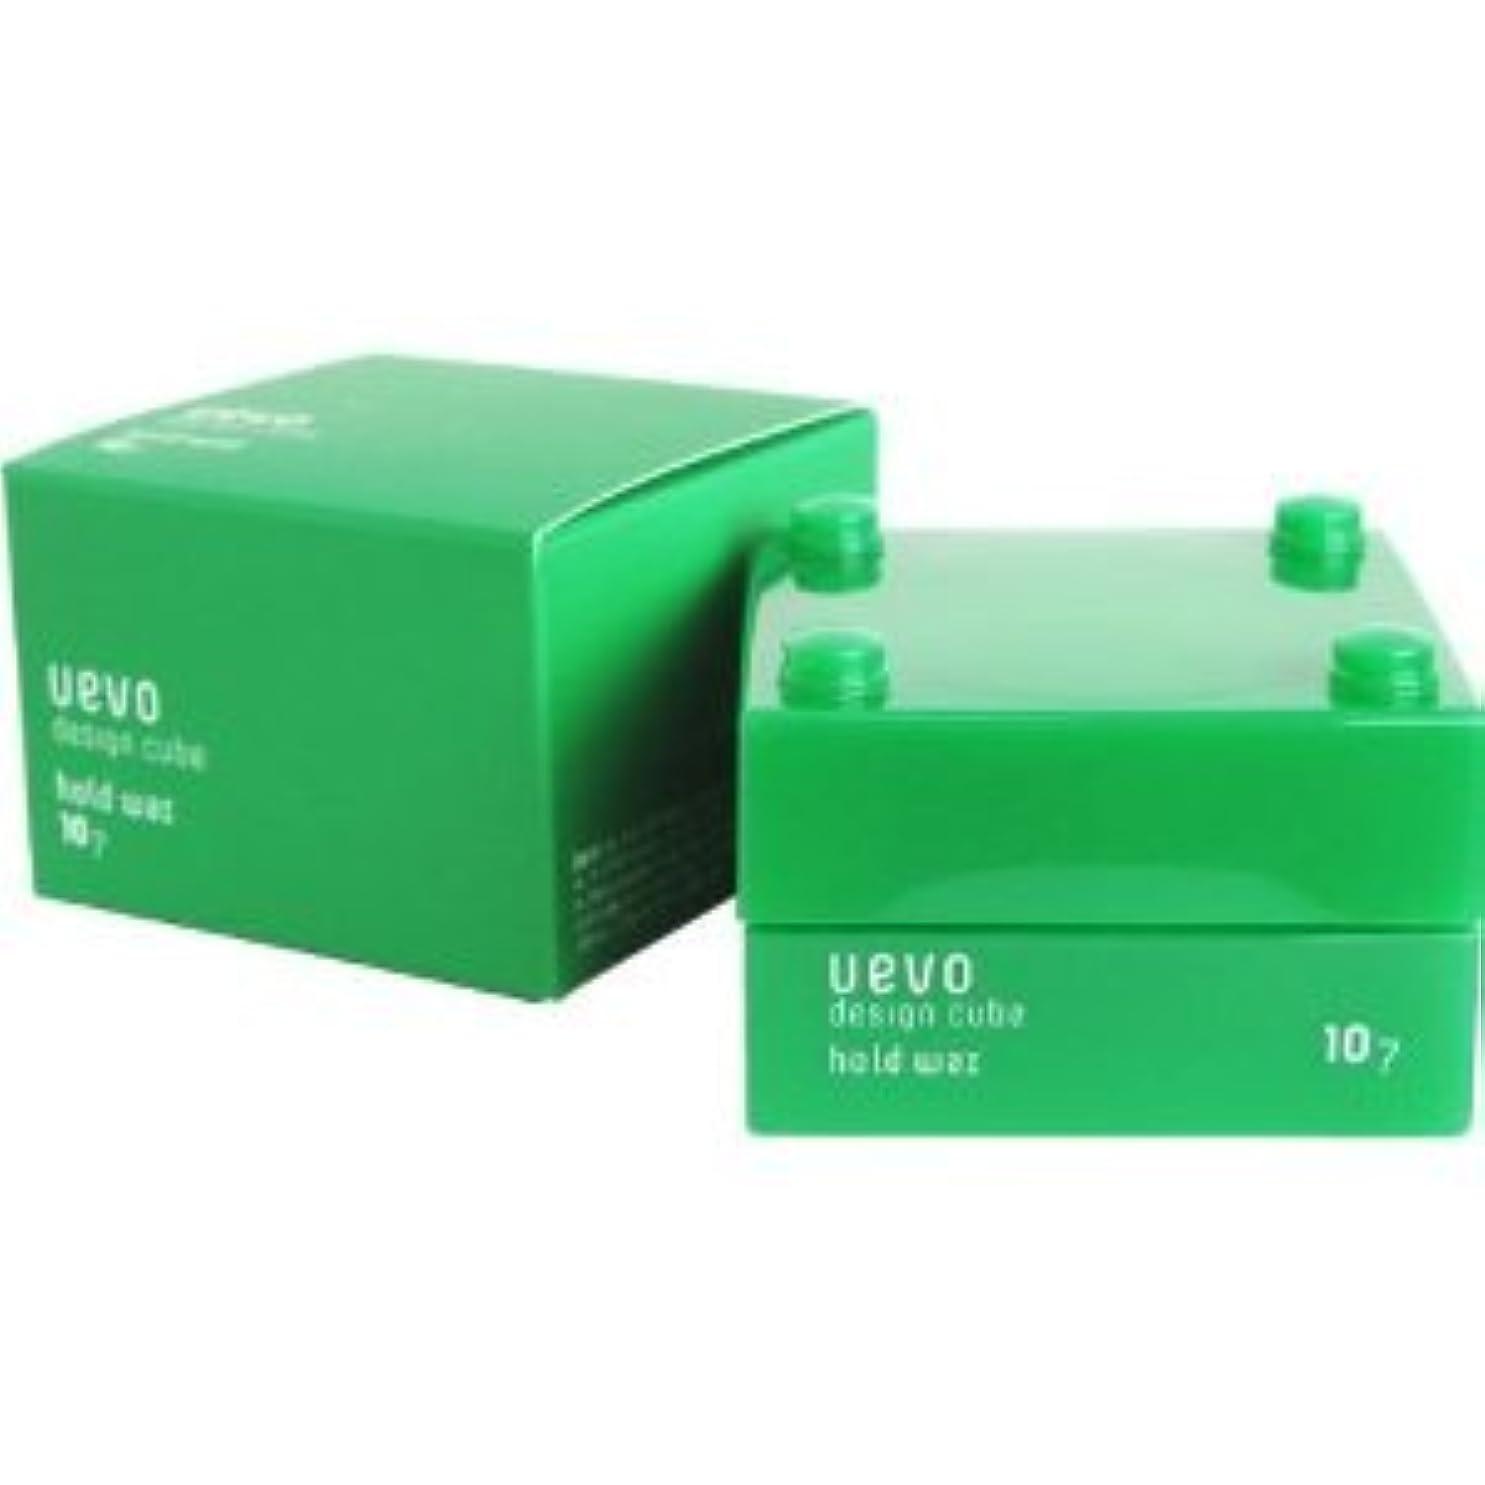 期限コーンウォール会社【X2個セット】 デミ ウェーボ デザインキューブ ホールドワックス 30g hold wax